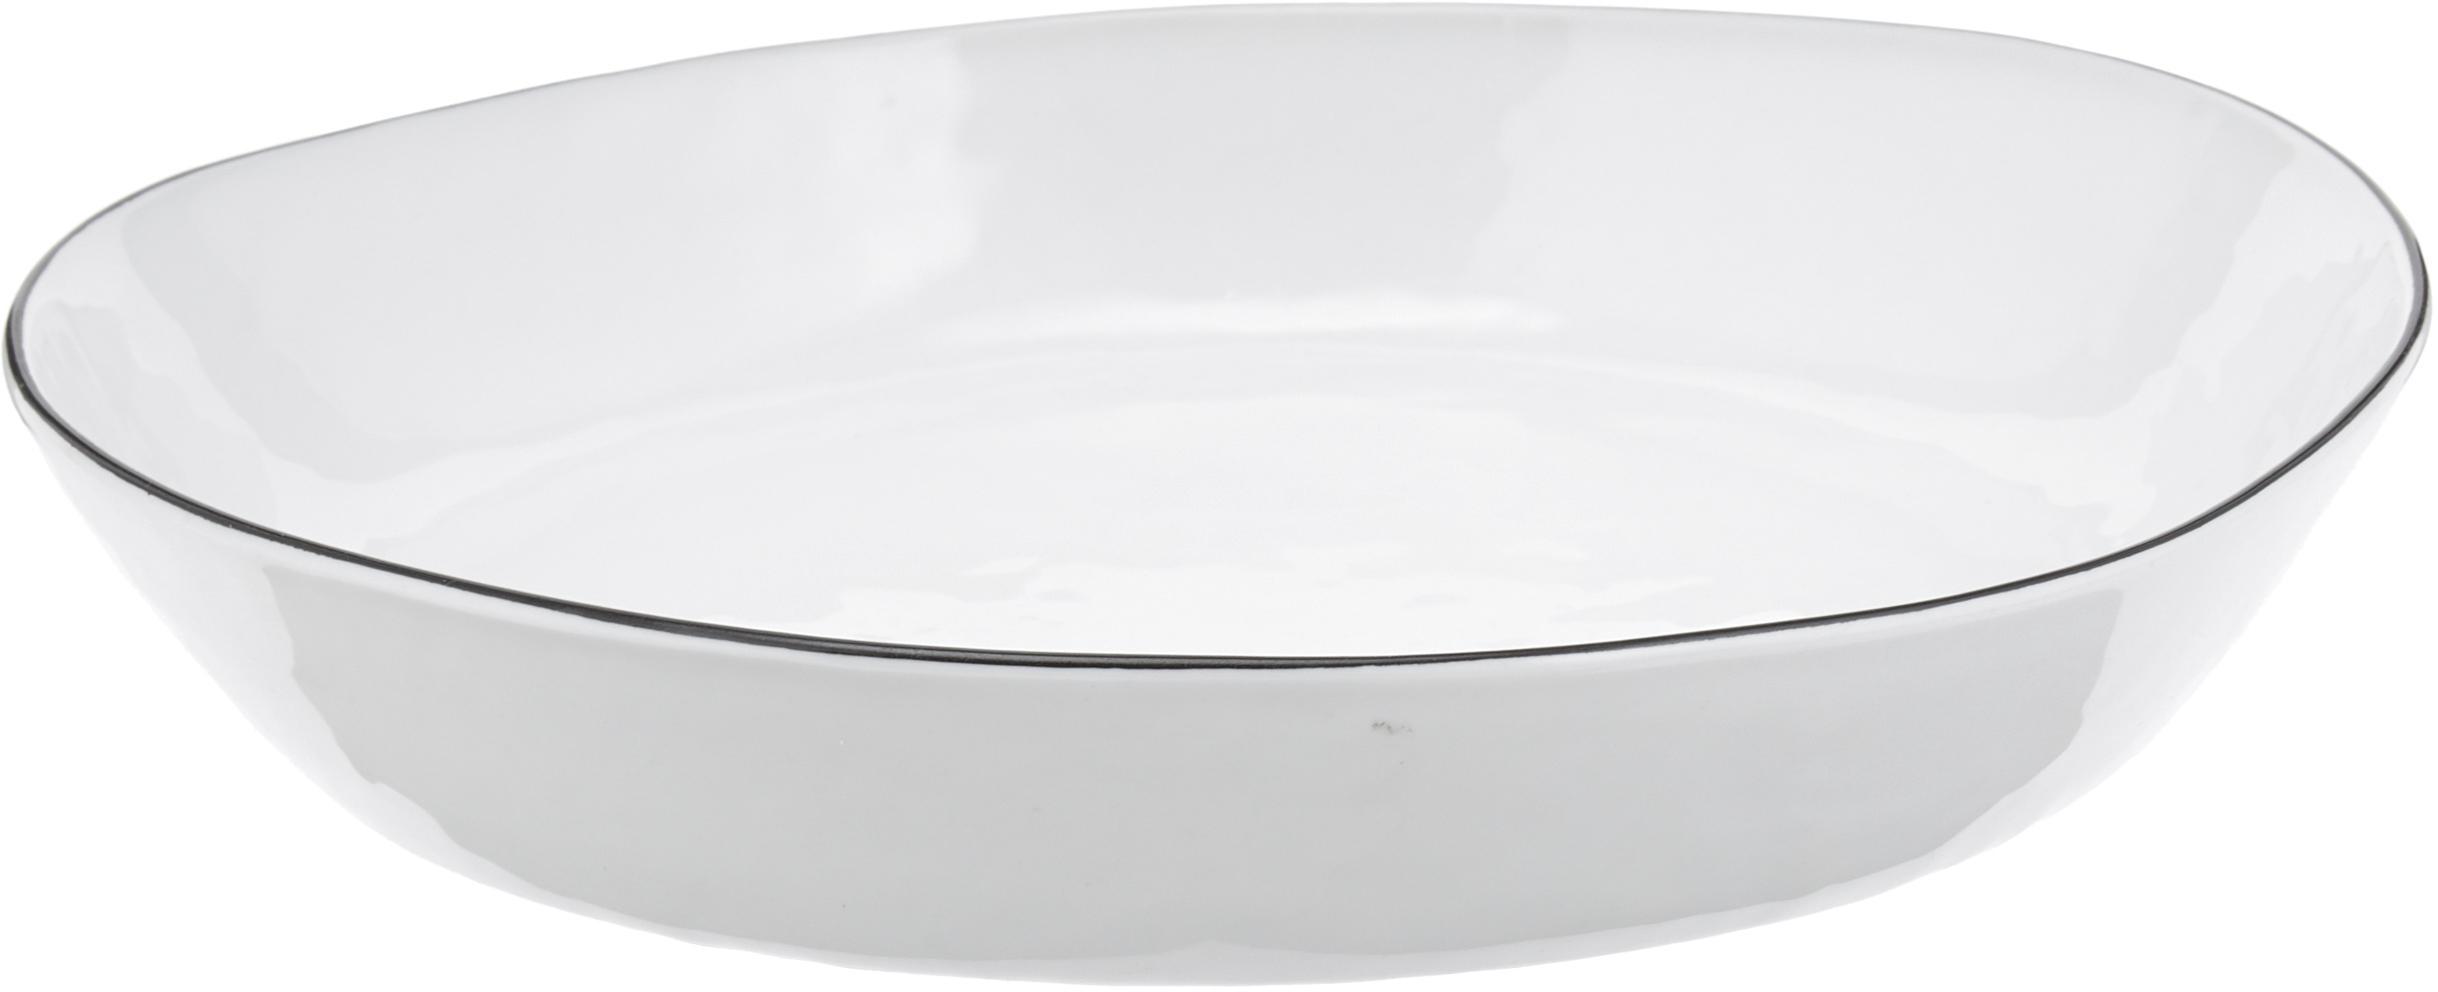 Handgemachte Servierschale Salt Ø 24 mit schwarzem Rand, Porzellan, Gebrochenes Weiß, Schwarz, 24 x 4 cm